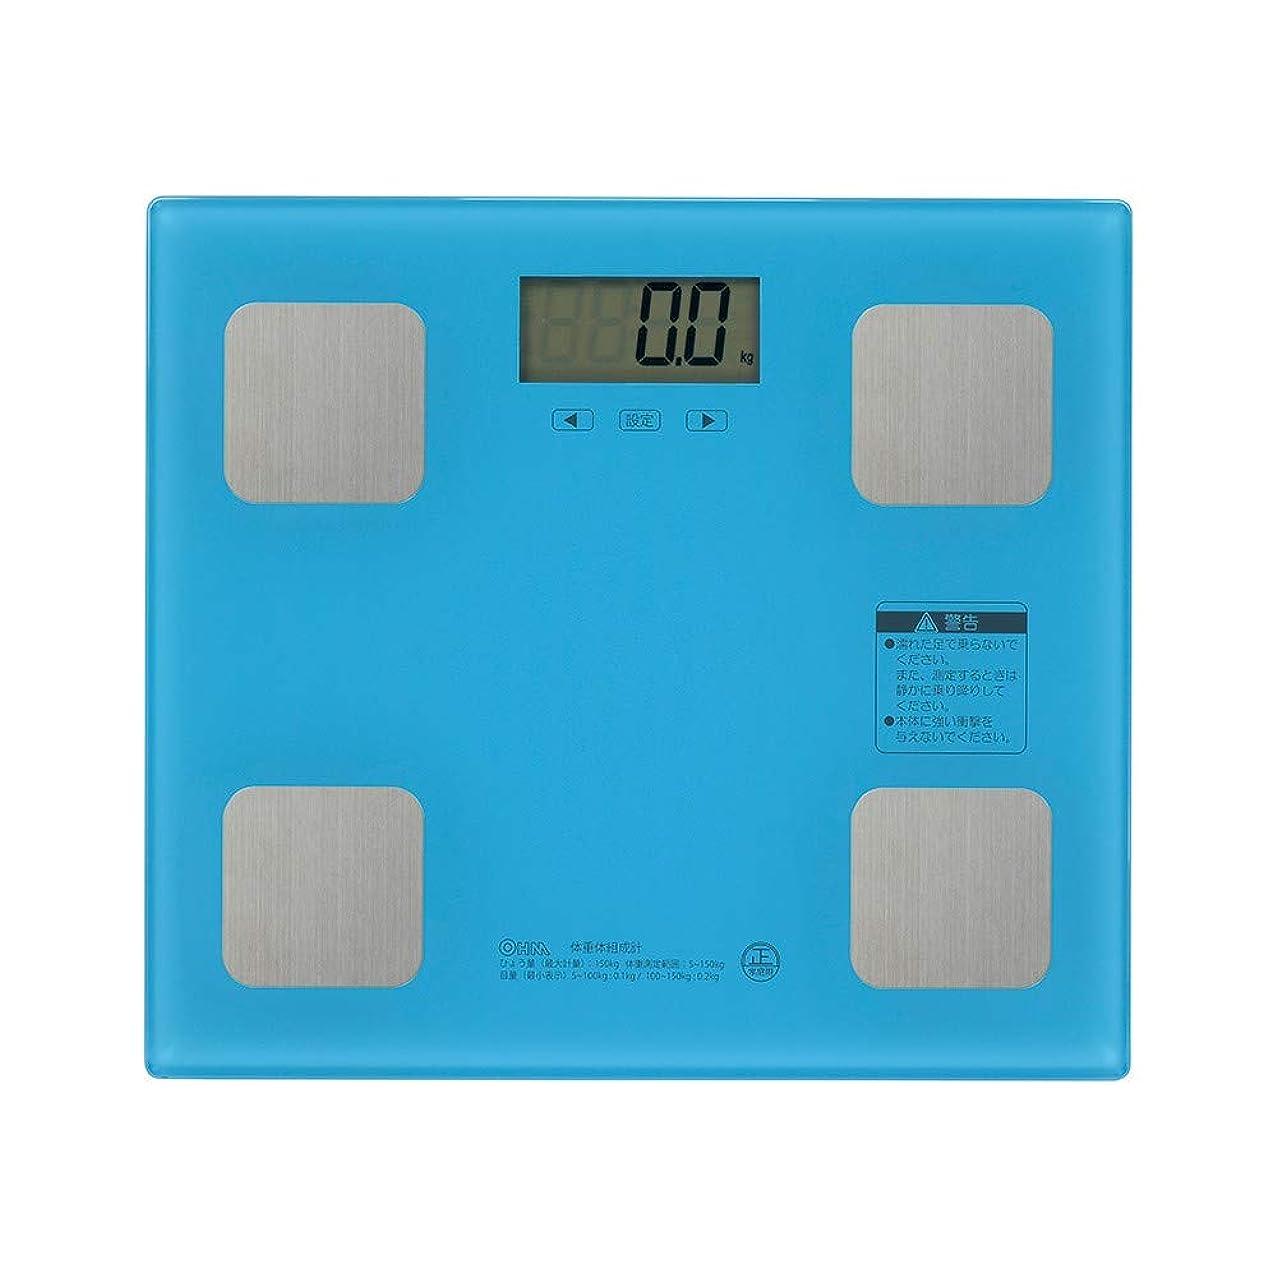 侵略階層アクション体重計 体組成計 体脂肪計 デジタル表示 電源自動ON/OFF 7項目測定 体重/体脂肪率/BMI/推定骨量/体内水分/体筋肉率/基礎代謝 ダイエット 健康管理 デジタル体重計 ブルー